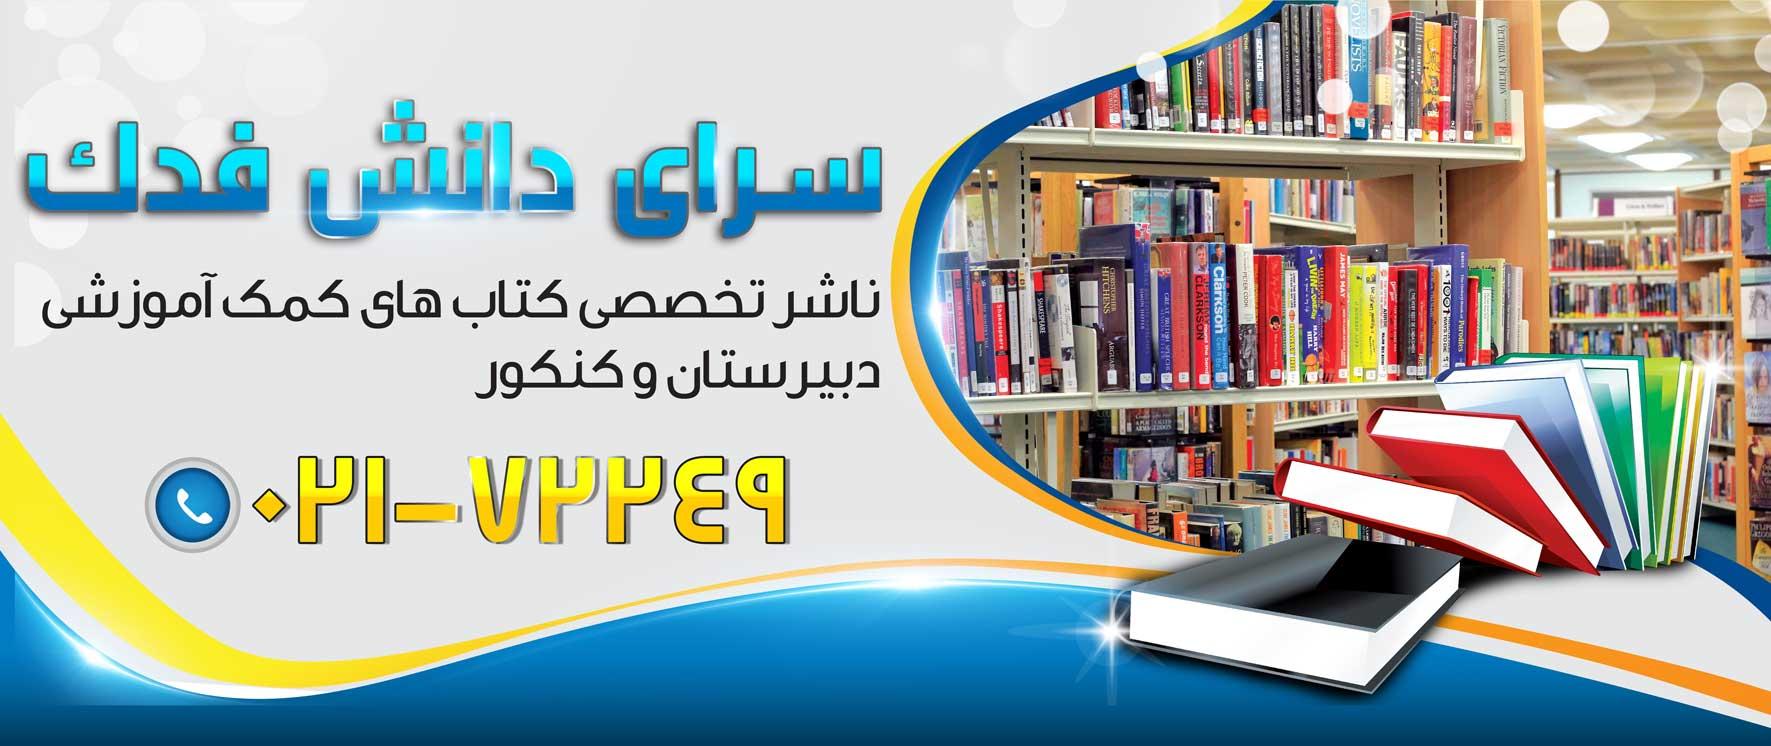 انتشارات سرای دانش فدک